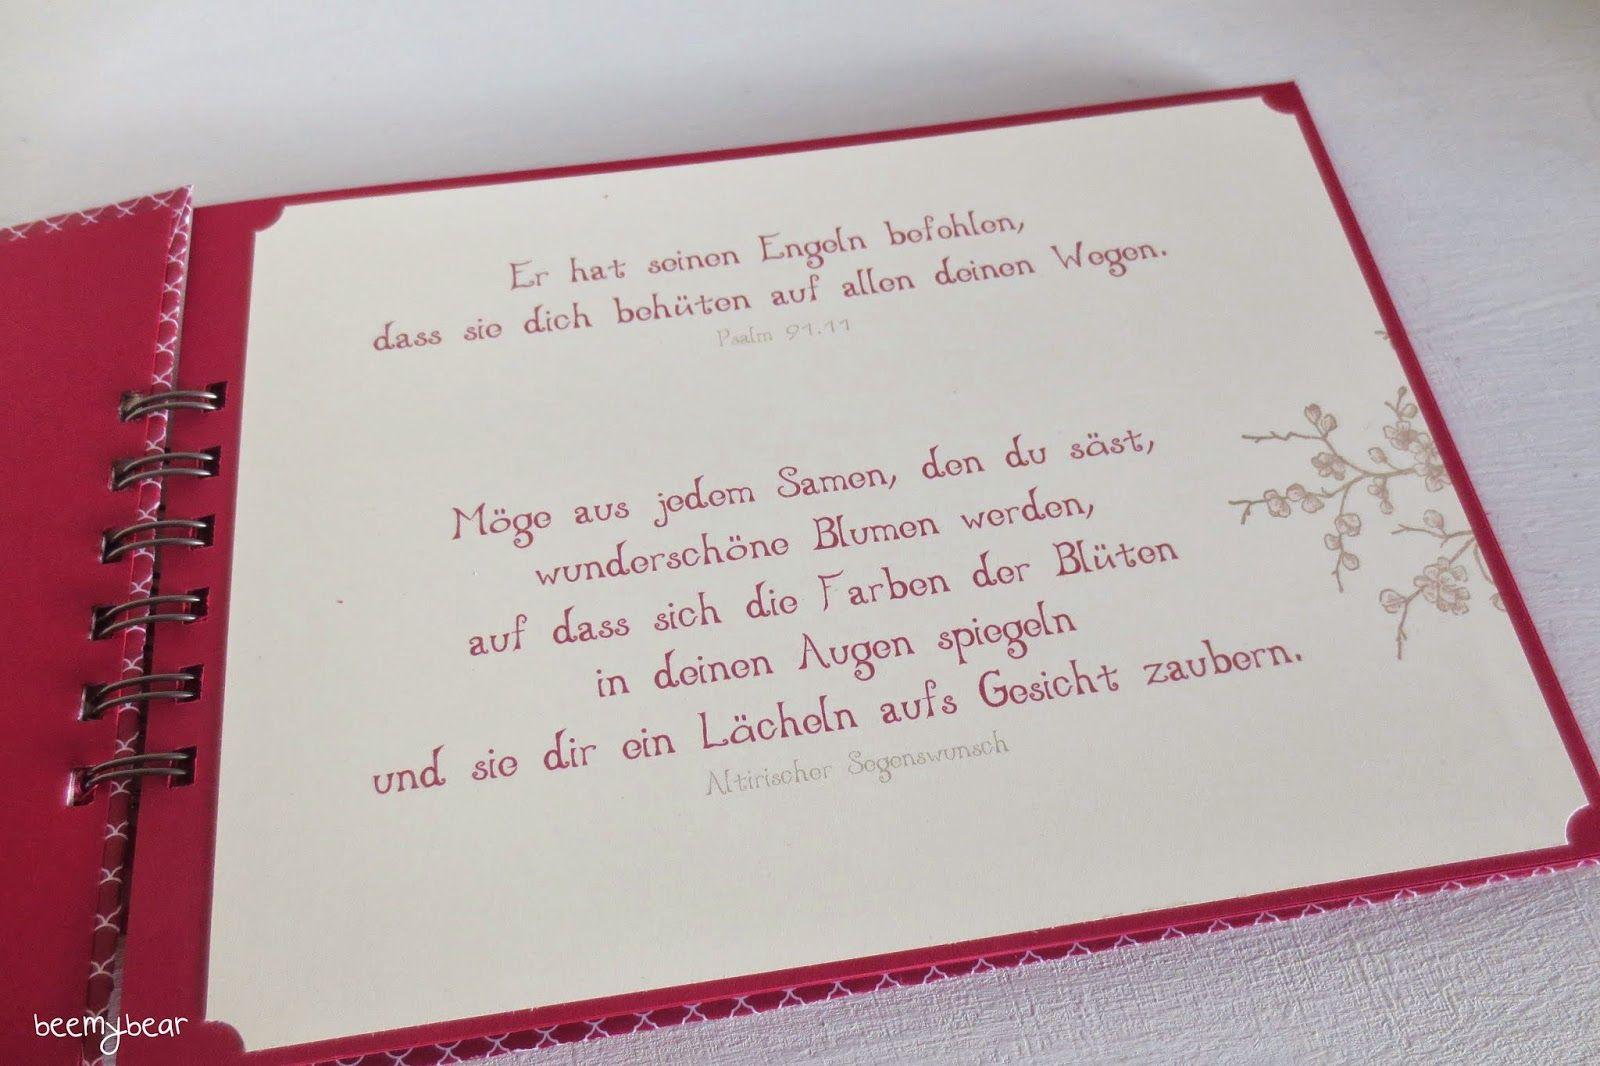 Schone Spruche Hochzeit Gastebuch Gastebuch Poster Zur Hochzeit